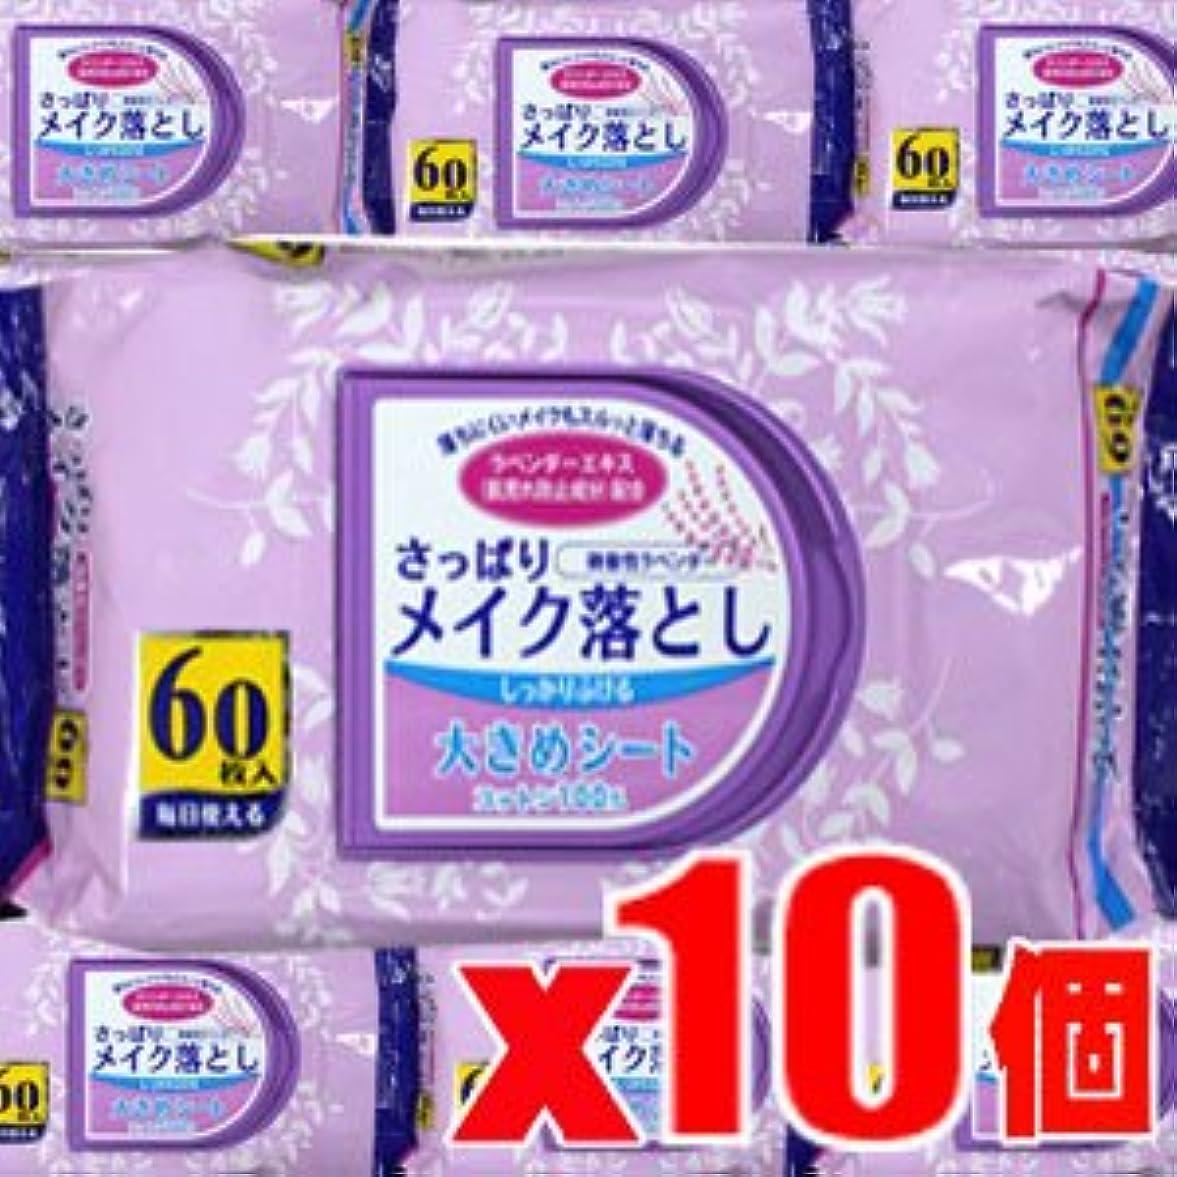 経験しないでくださいできれば【10個】さっぱり メイク落とし 60枚x10個 (4994416031245)